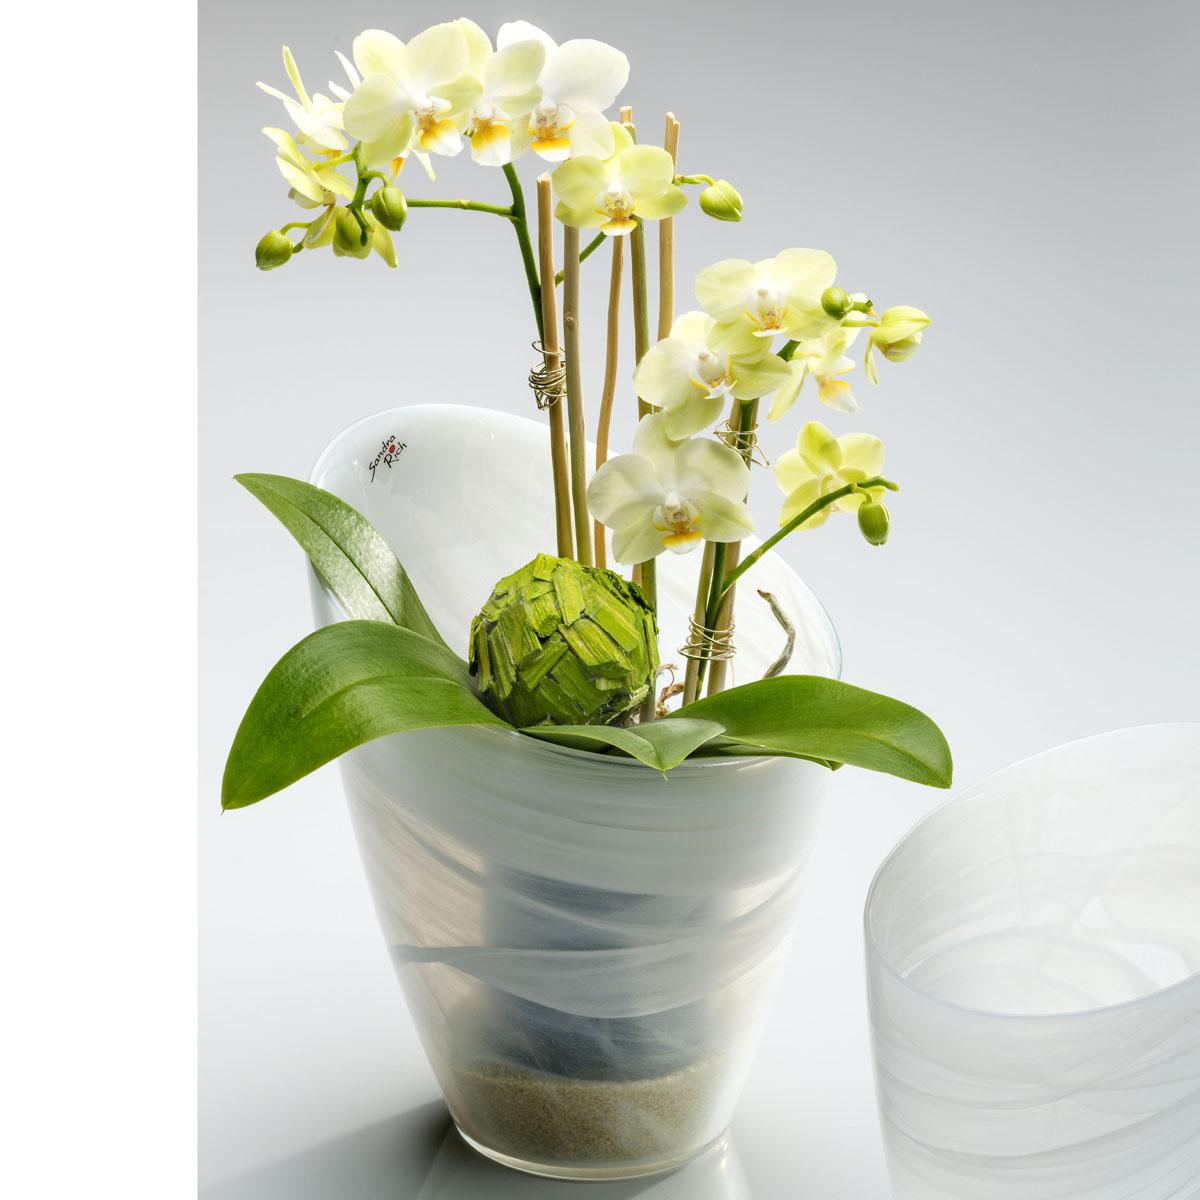 Deko Glasvase Blumentopf Alabaster Glas Weiss 25cm O 20cm Rund